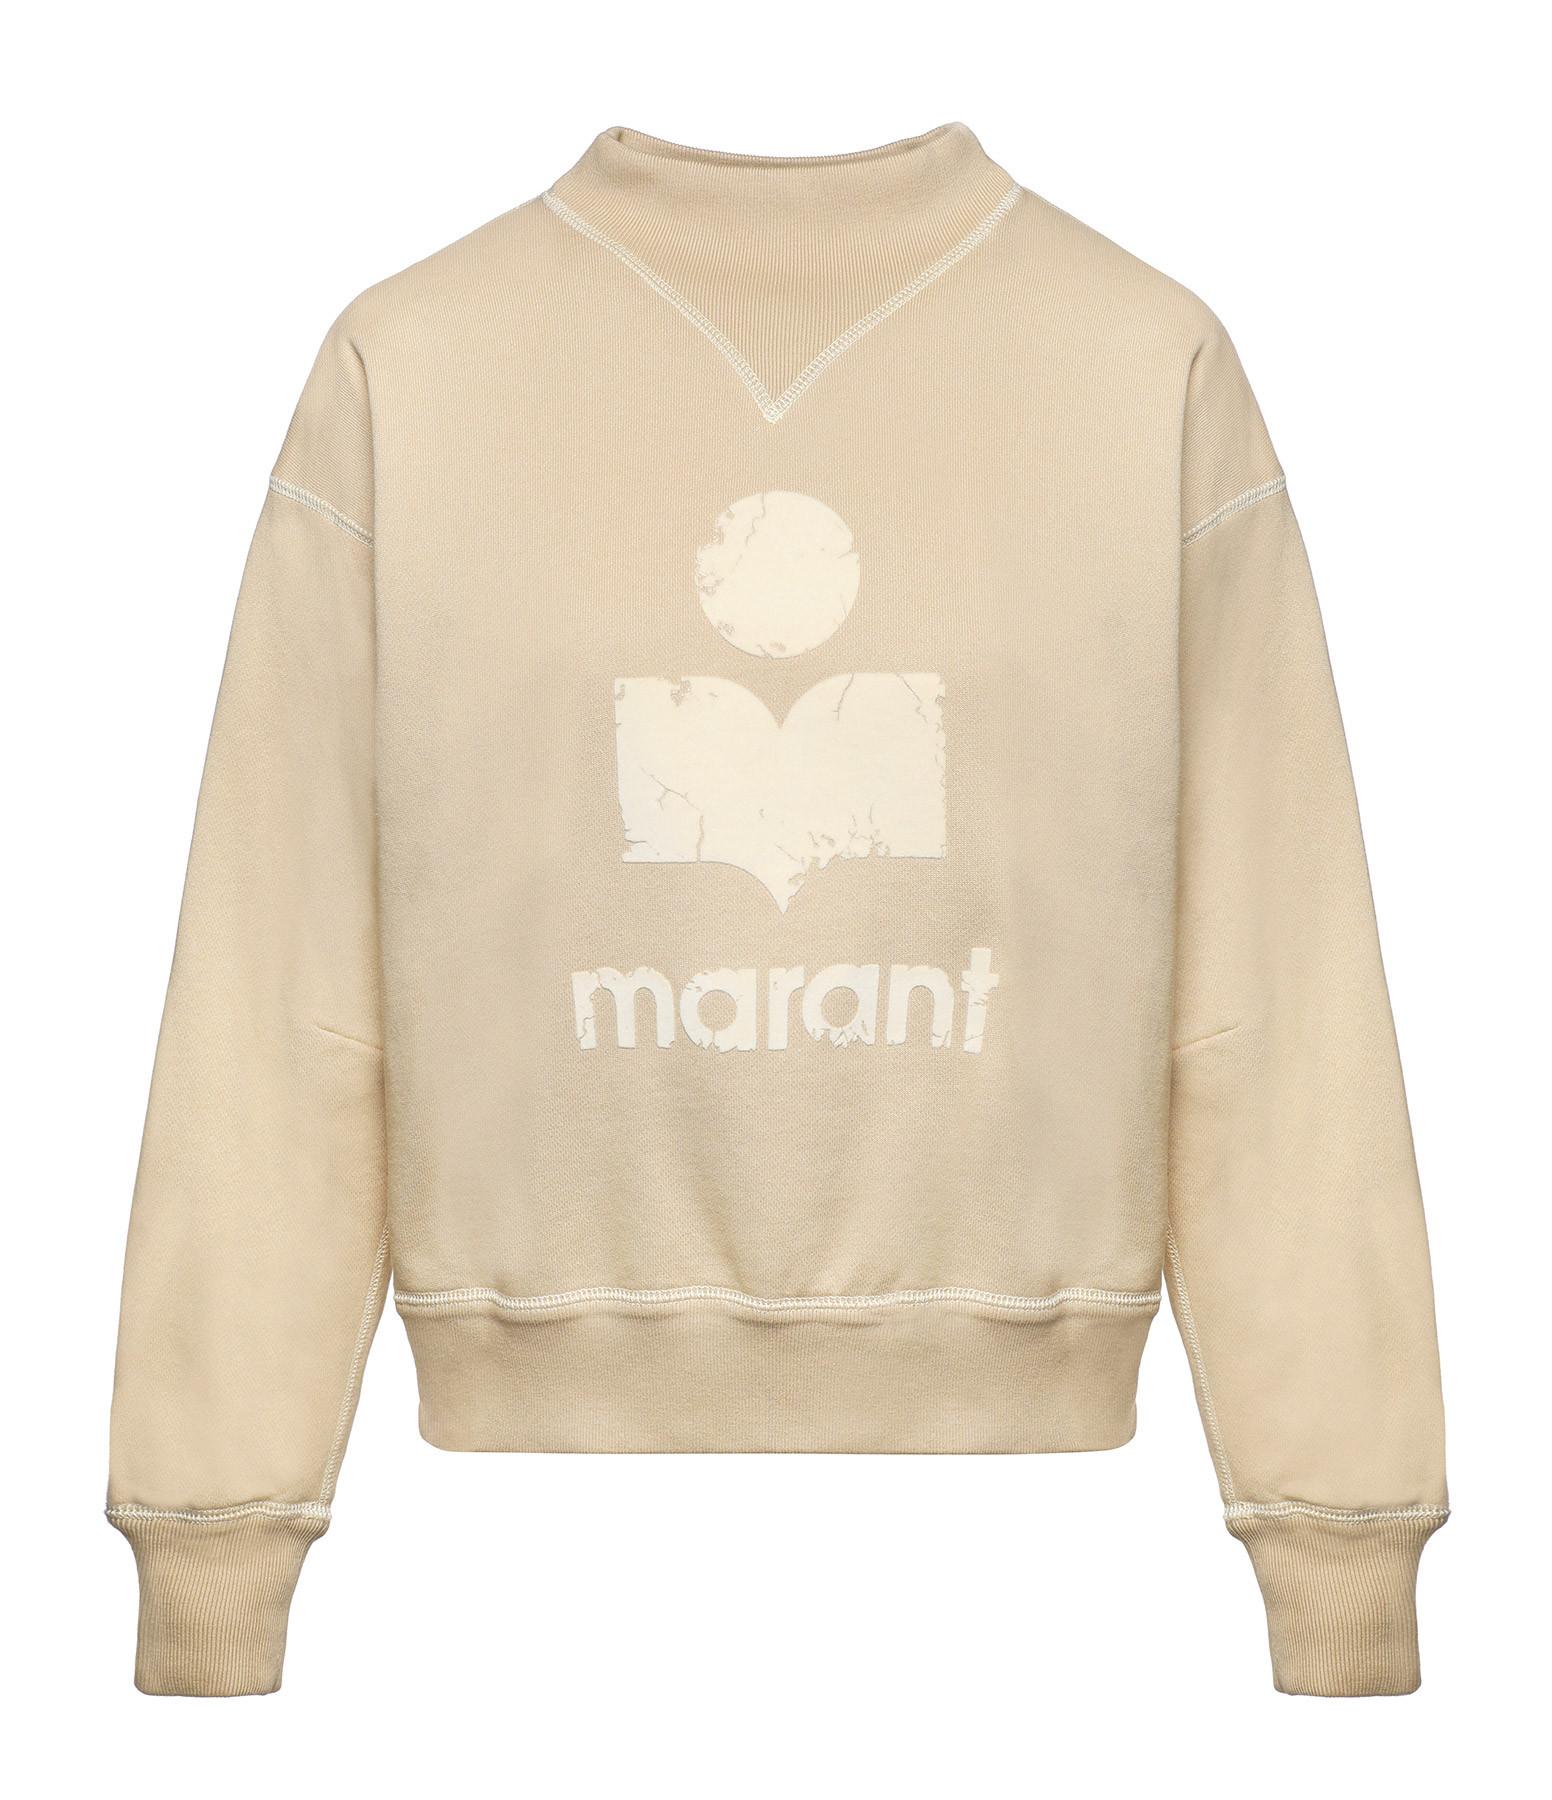 ISABEL MARANT ÉTOILE - Sweatshirt Moby Coton Jaune Clair